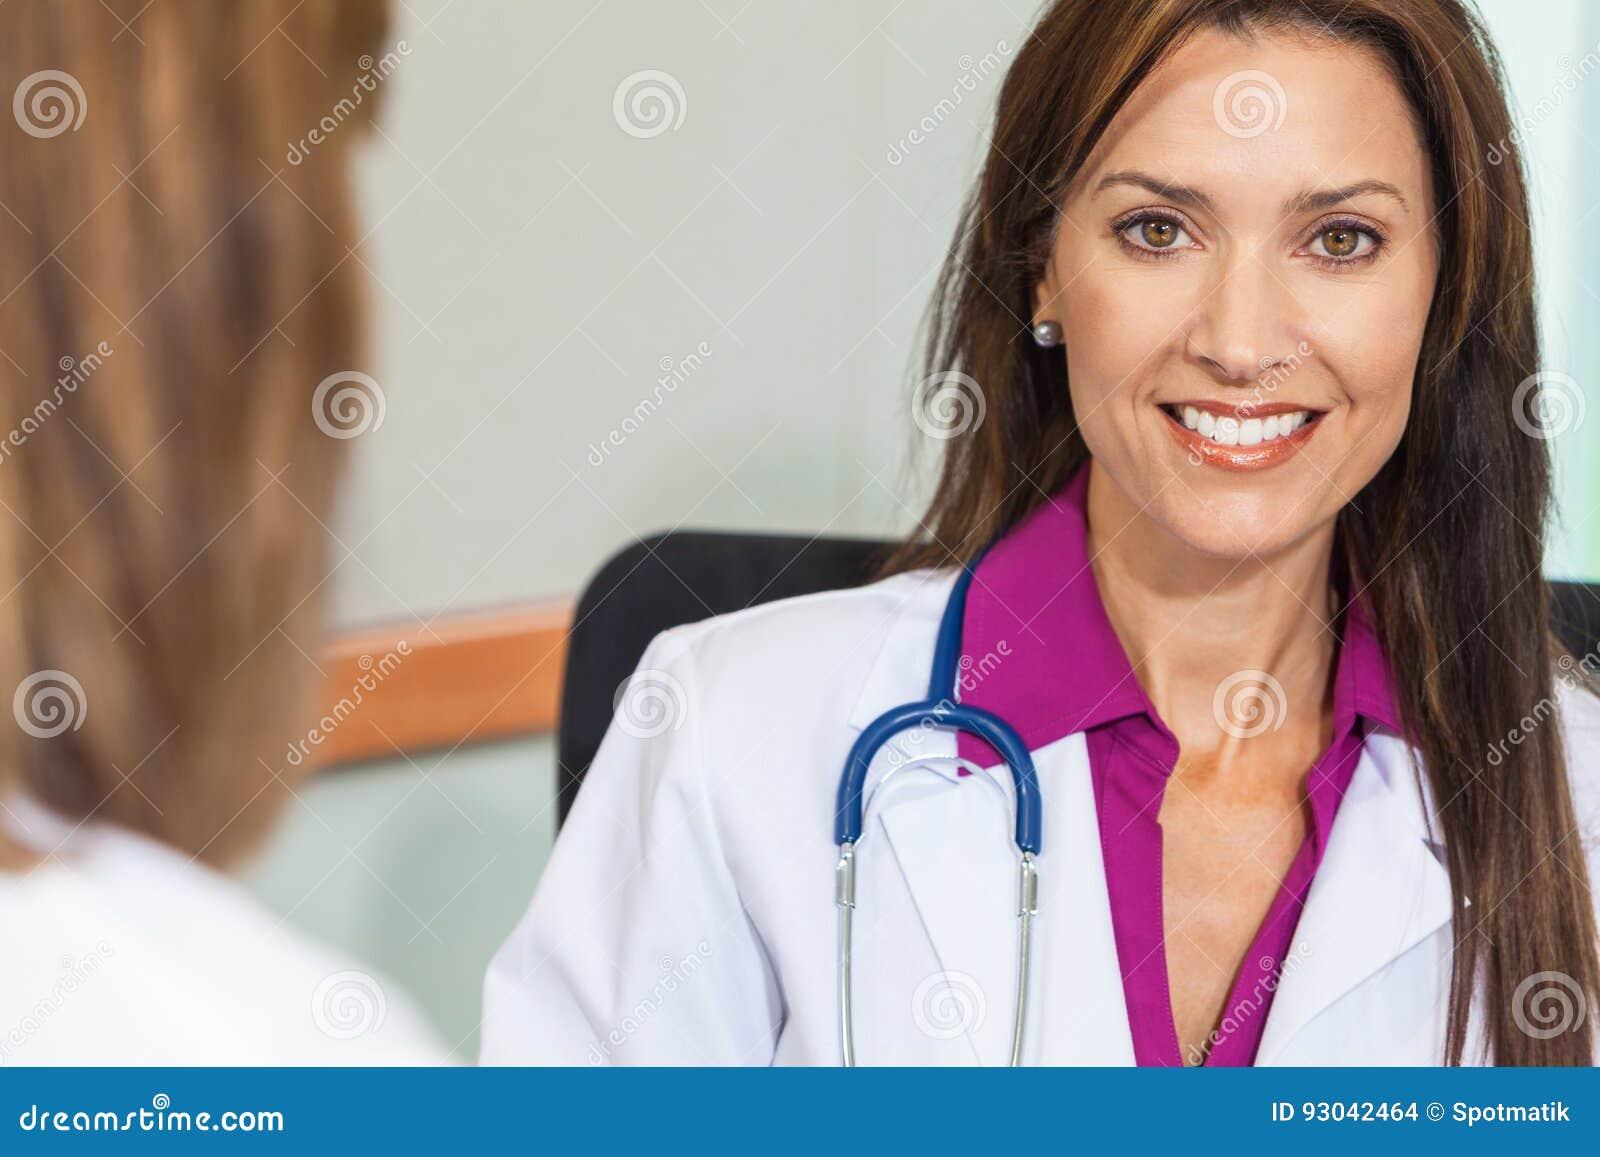 Ärztin in der Krankenhaus-Sitzung mit weiblichem Kollegen